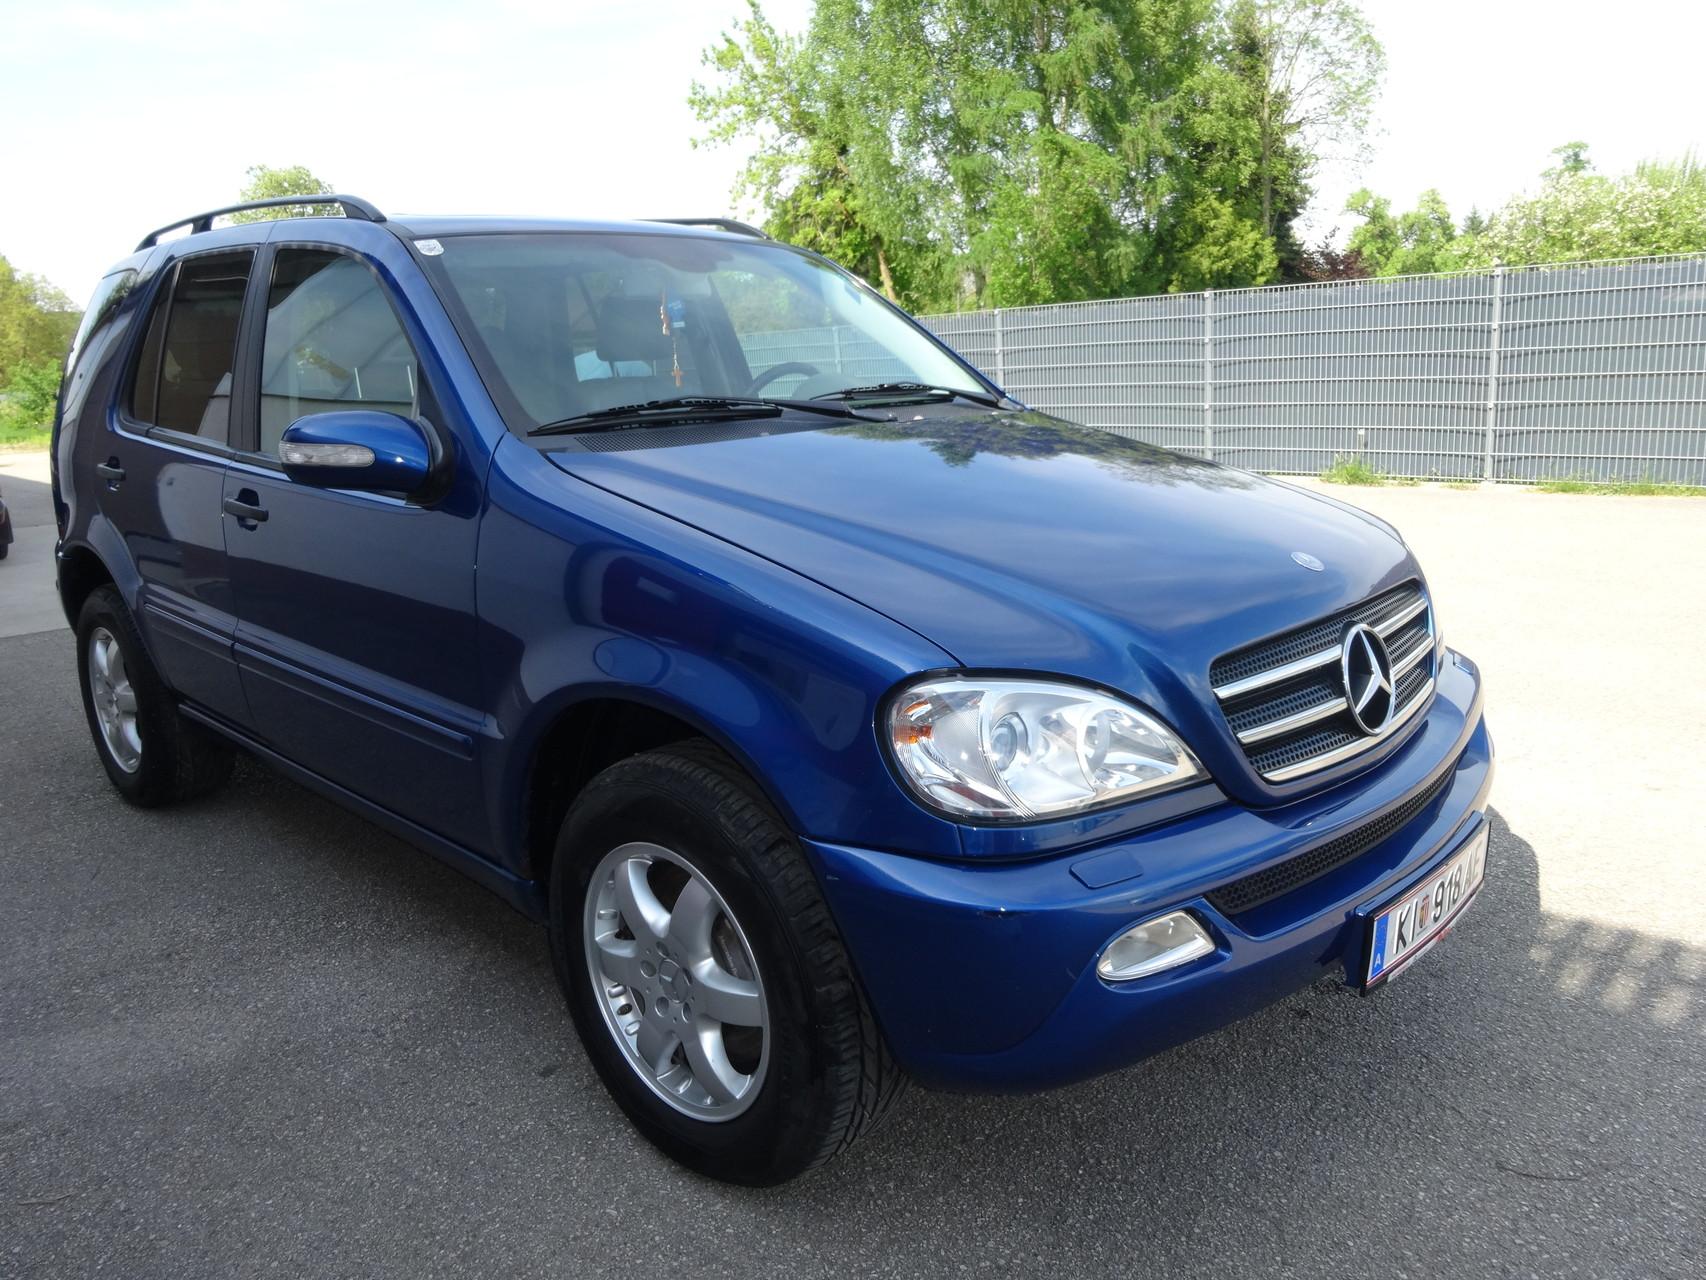 glänzend verläßt ein blauer Mercedes unsere Halle